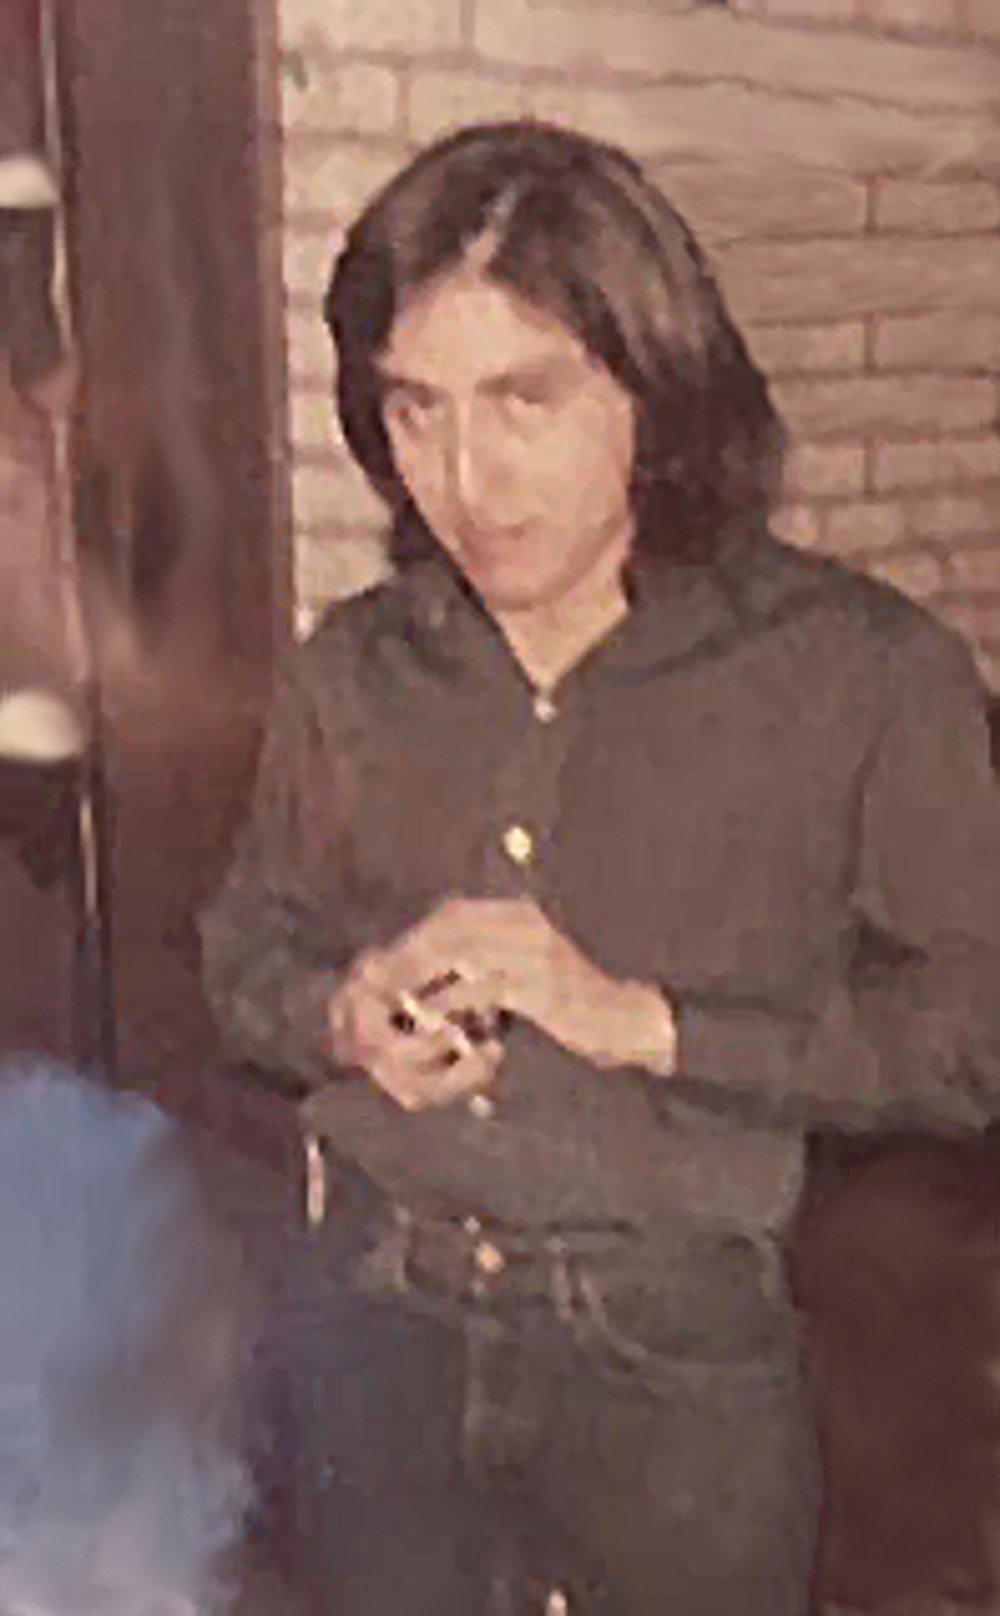 Hector Sapien, circa 1973